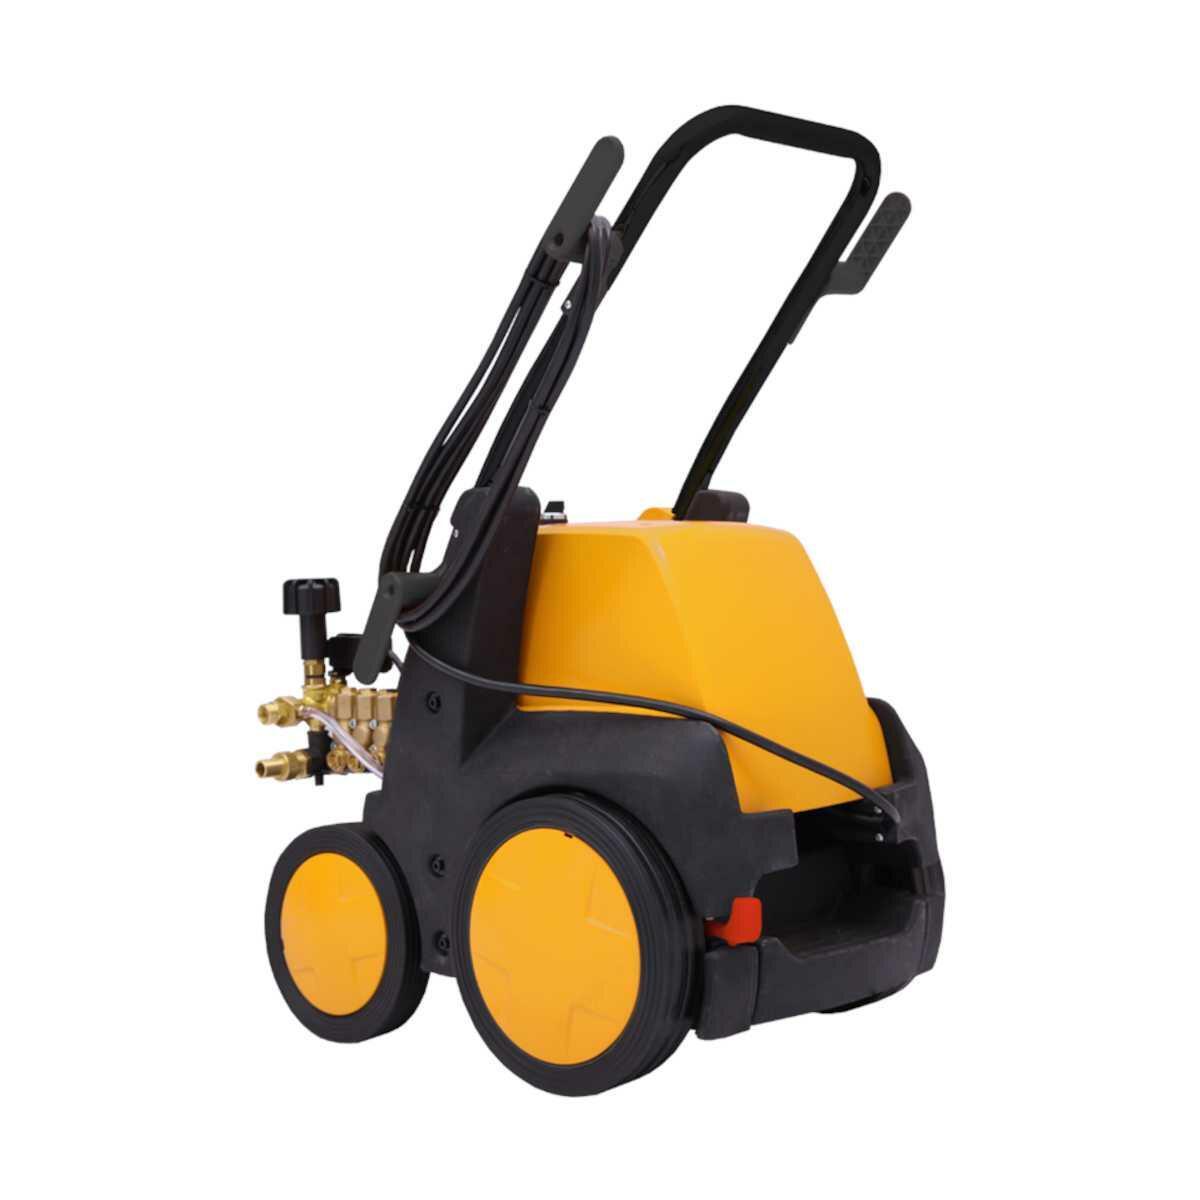 Lavadora de Alta Pressão Profissional L2600 440V Wap